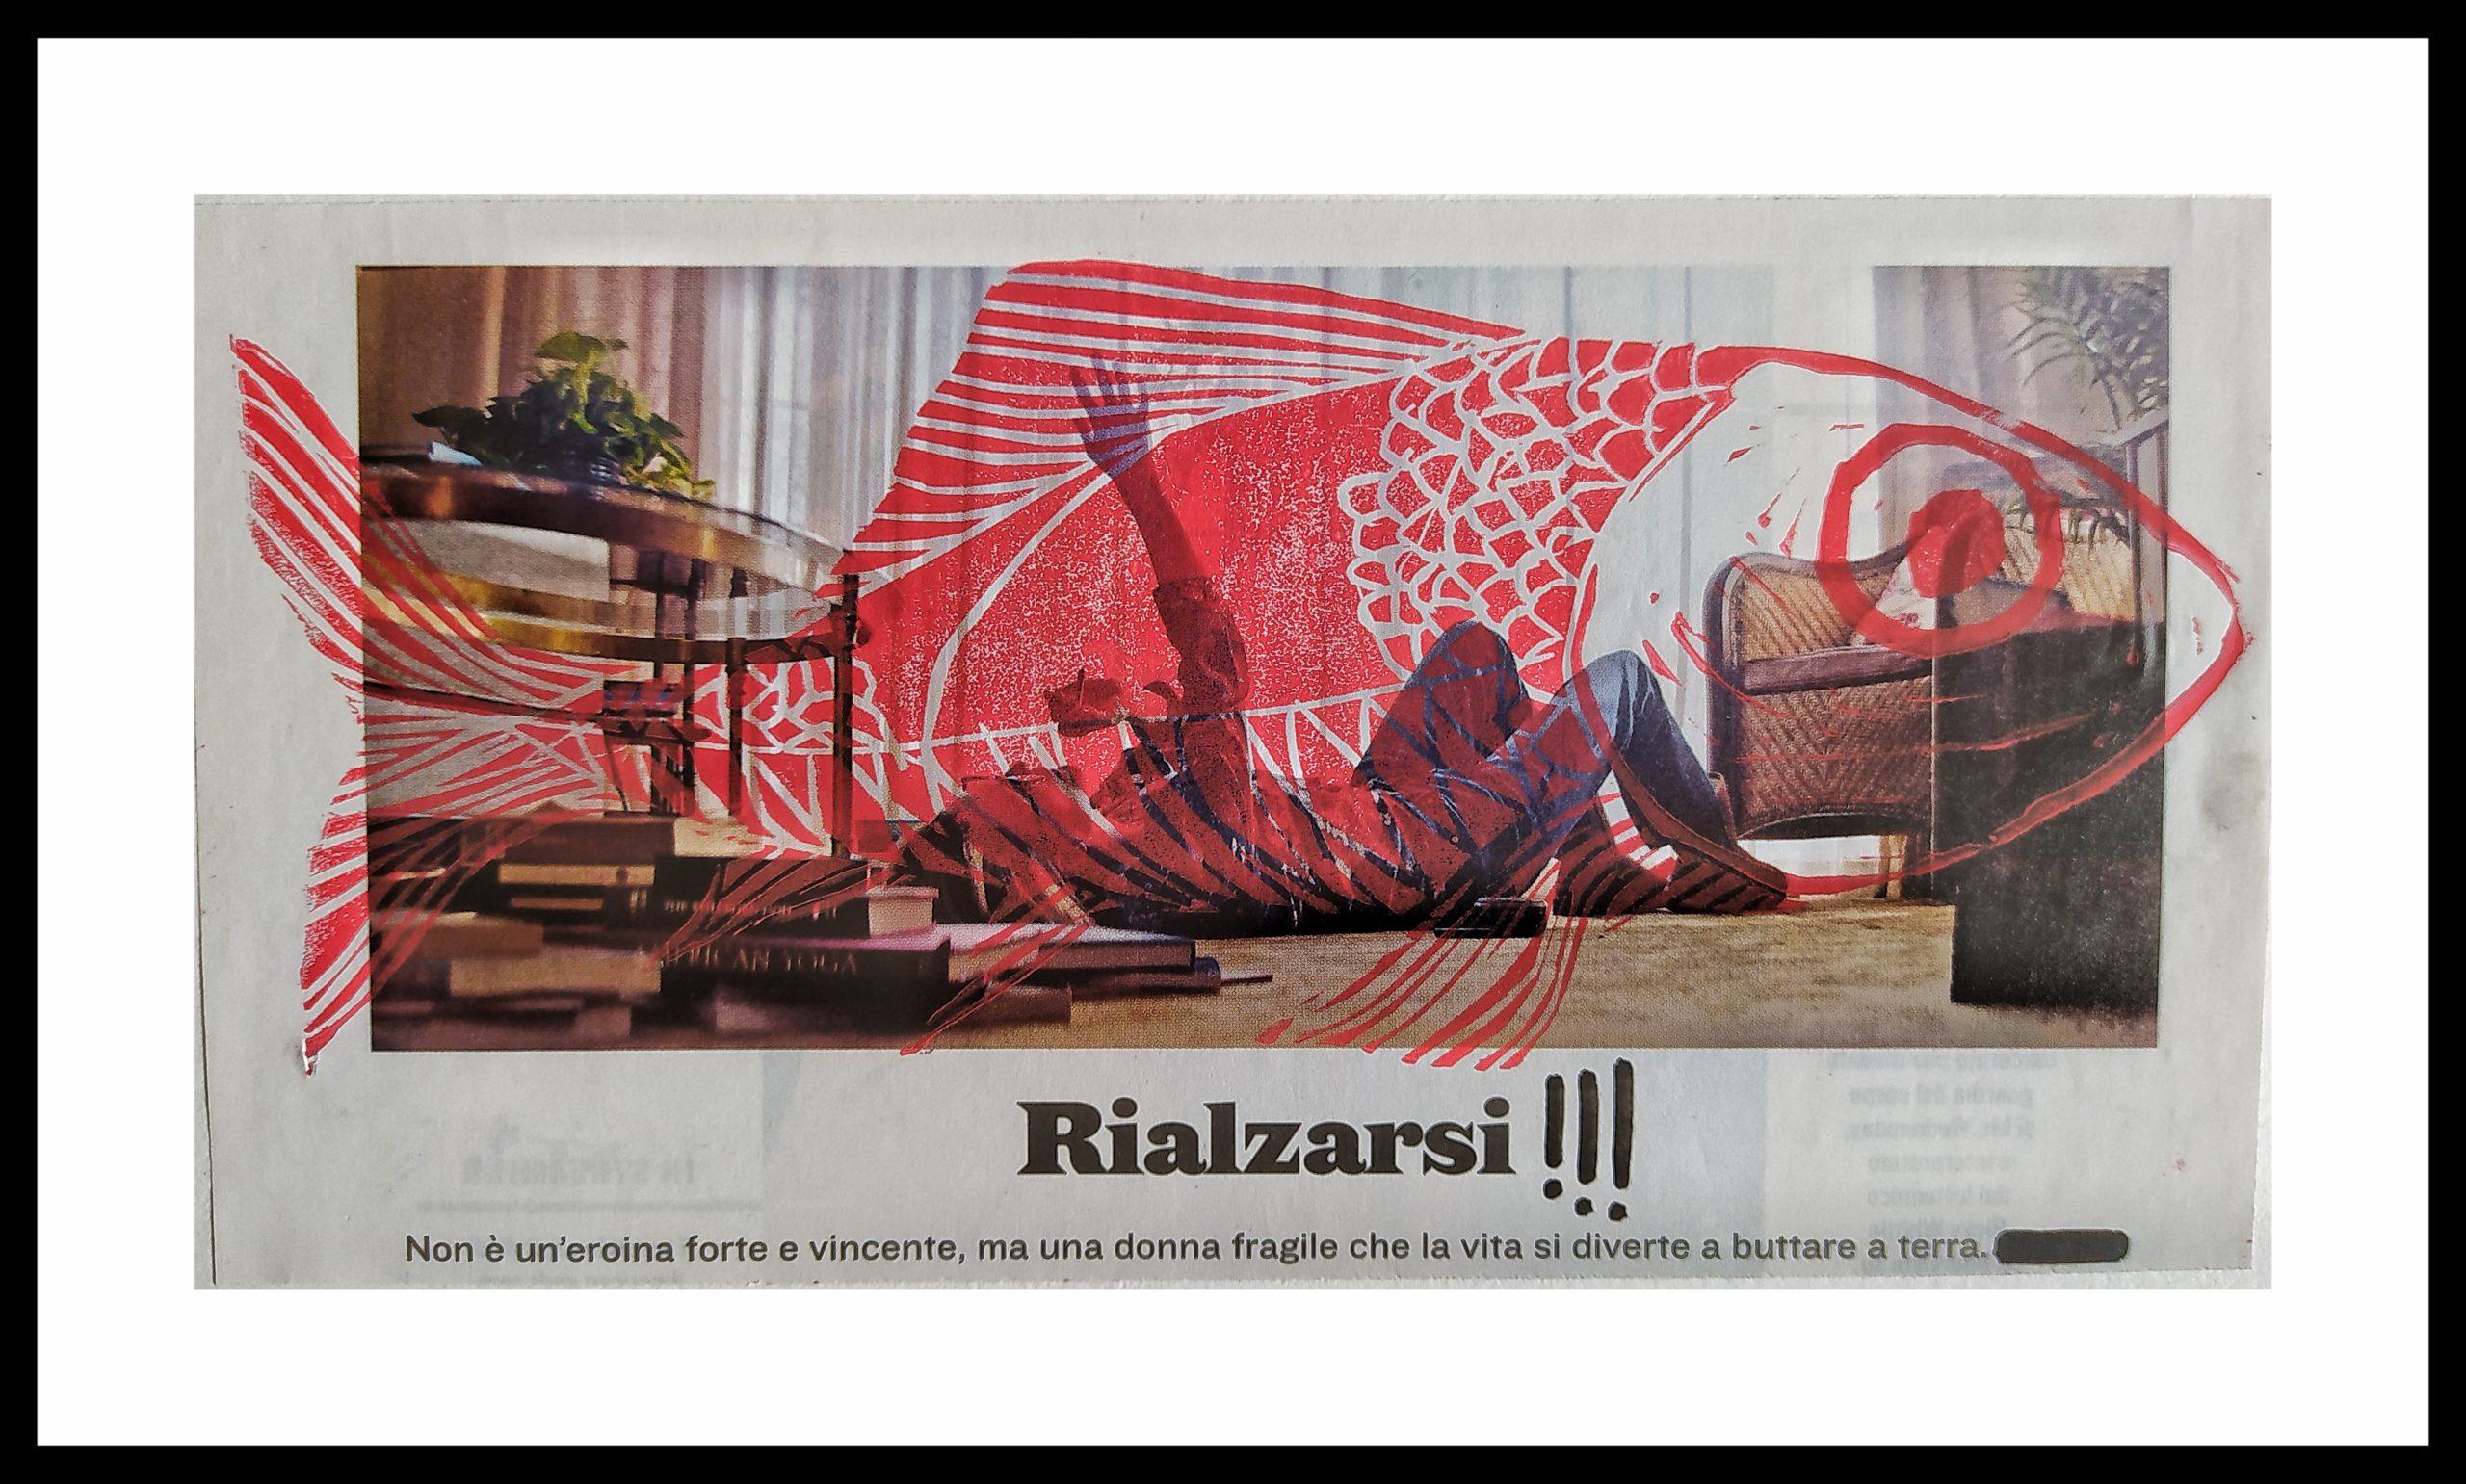 RIALZARSI